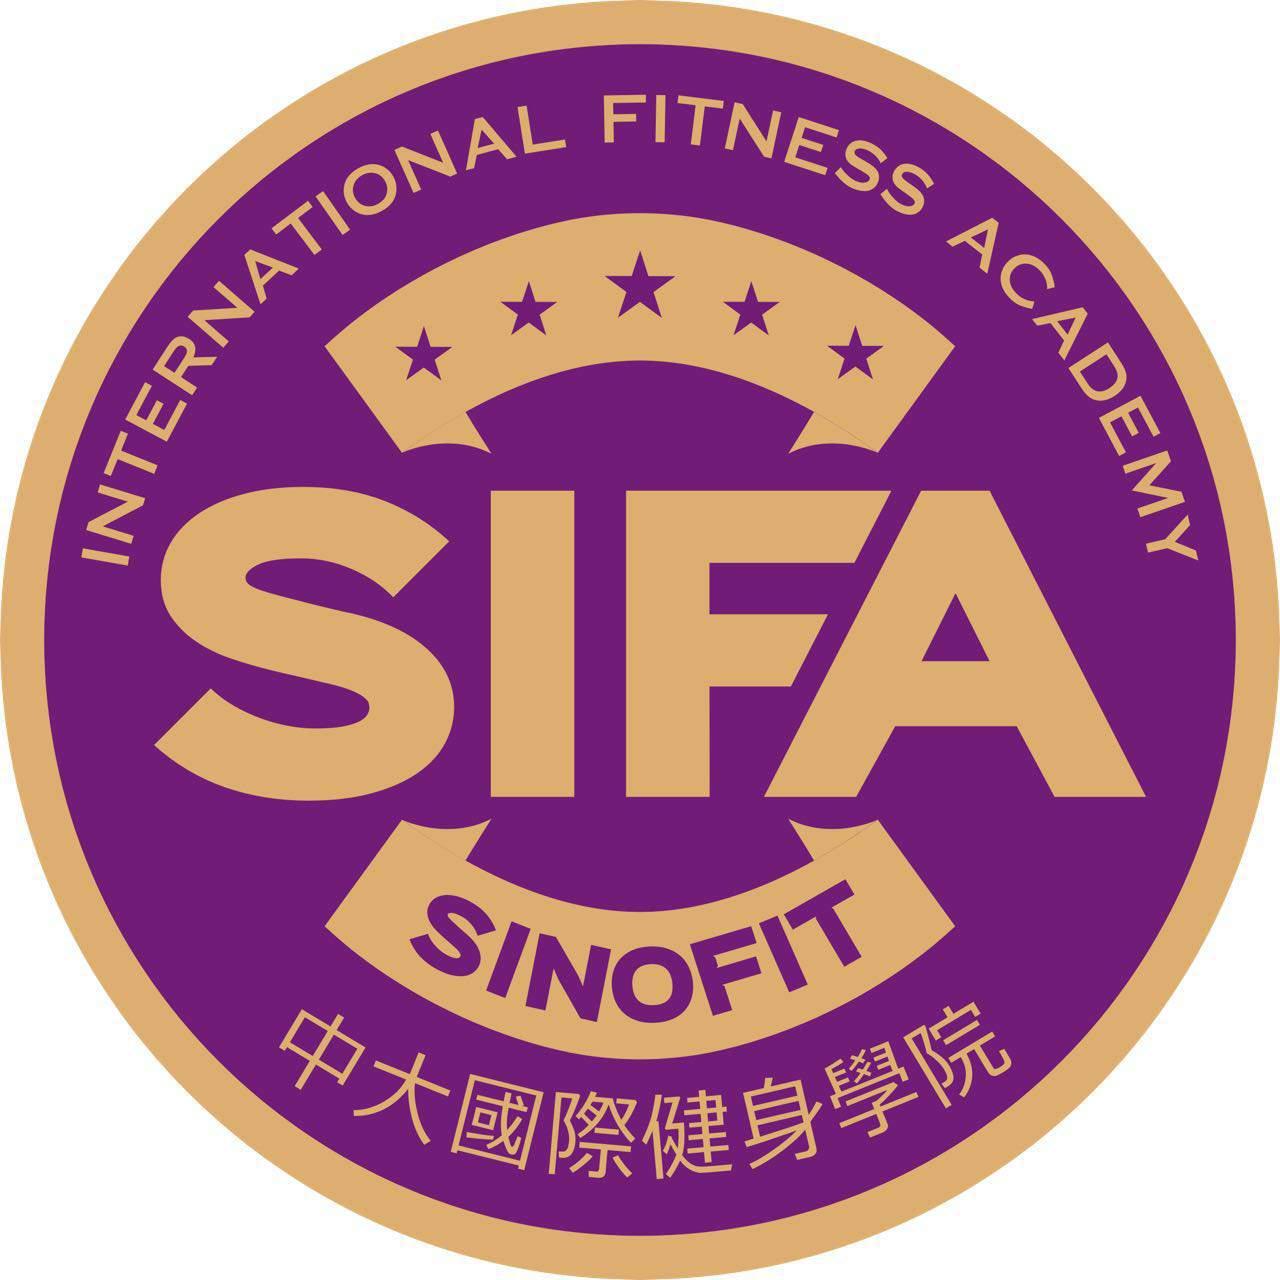 济南中大国际健身学院